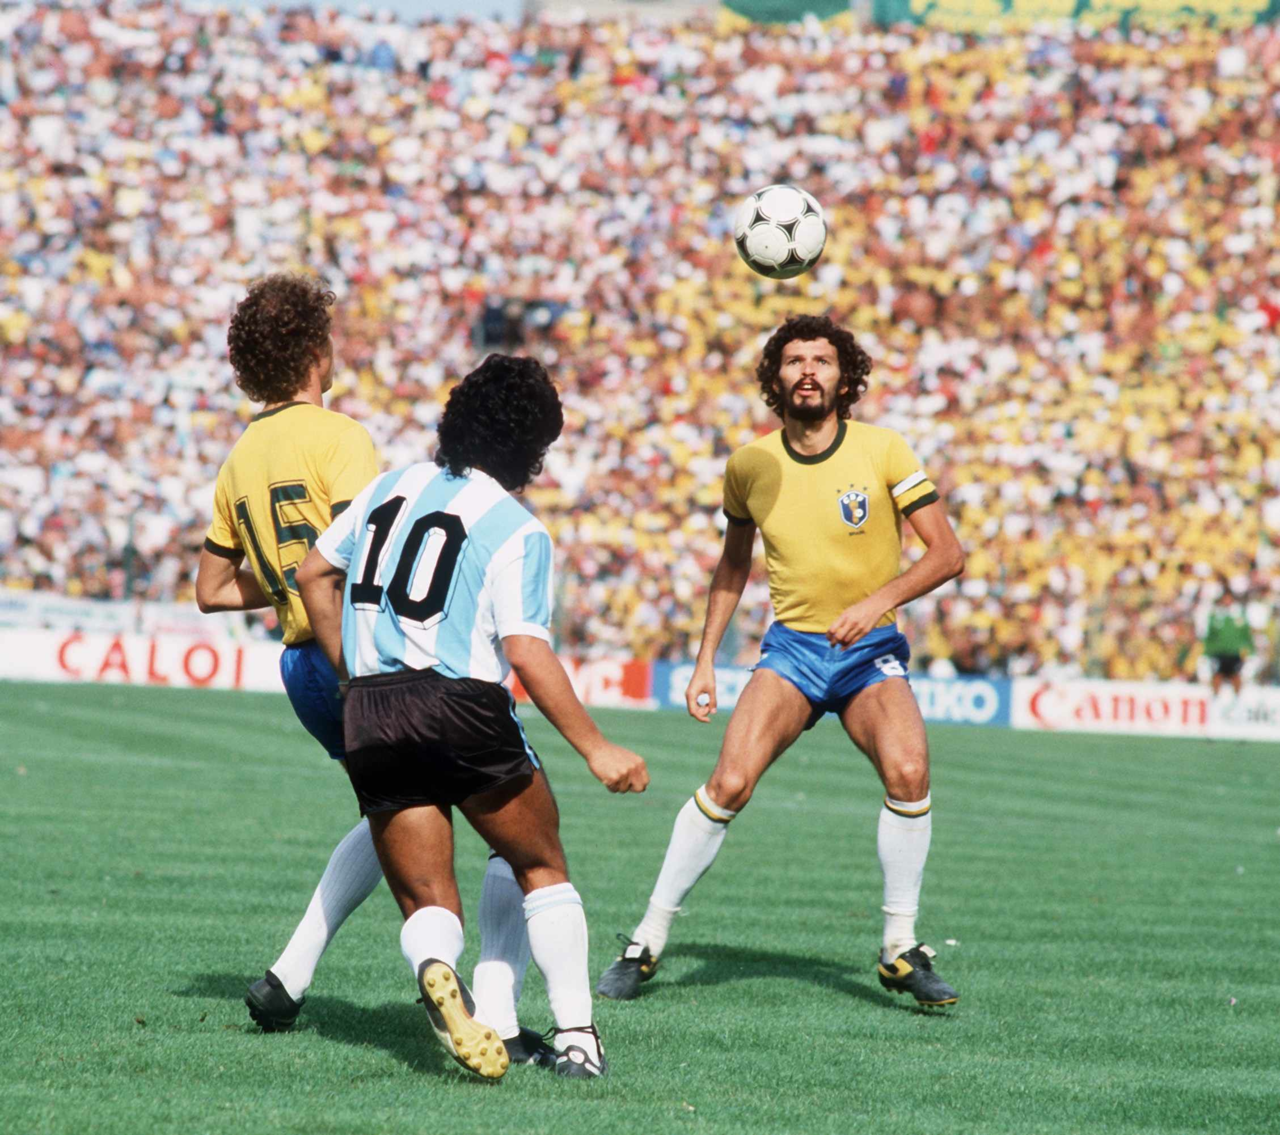 Falcão, Maradona e Sócrates no mesmo lance. O campo era pequeno para tanta categoria. Copa do Mundo da Espanha de 1982. Brasil 3x1 Argentina.